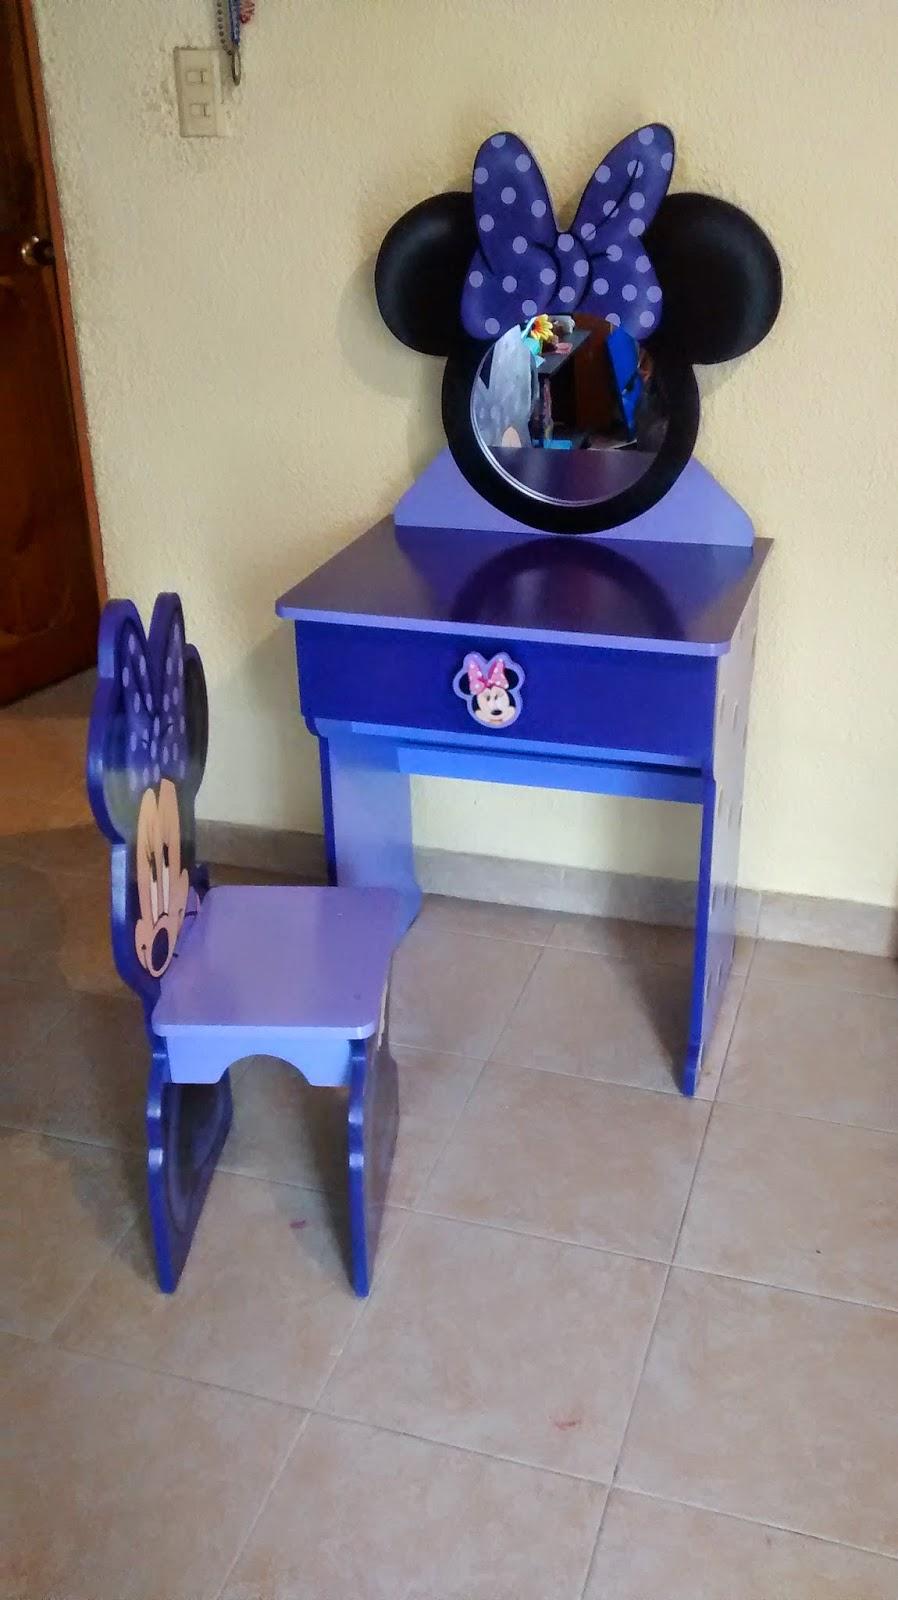 Galeria arte y dise o madekids tocador infantil minnie mouse - Tocador infantil ...